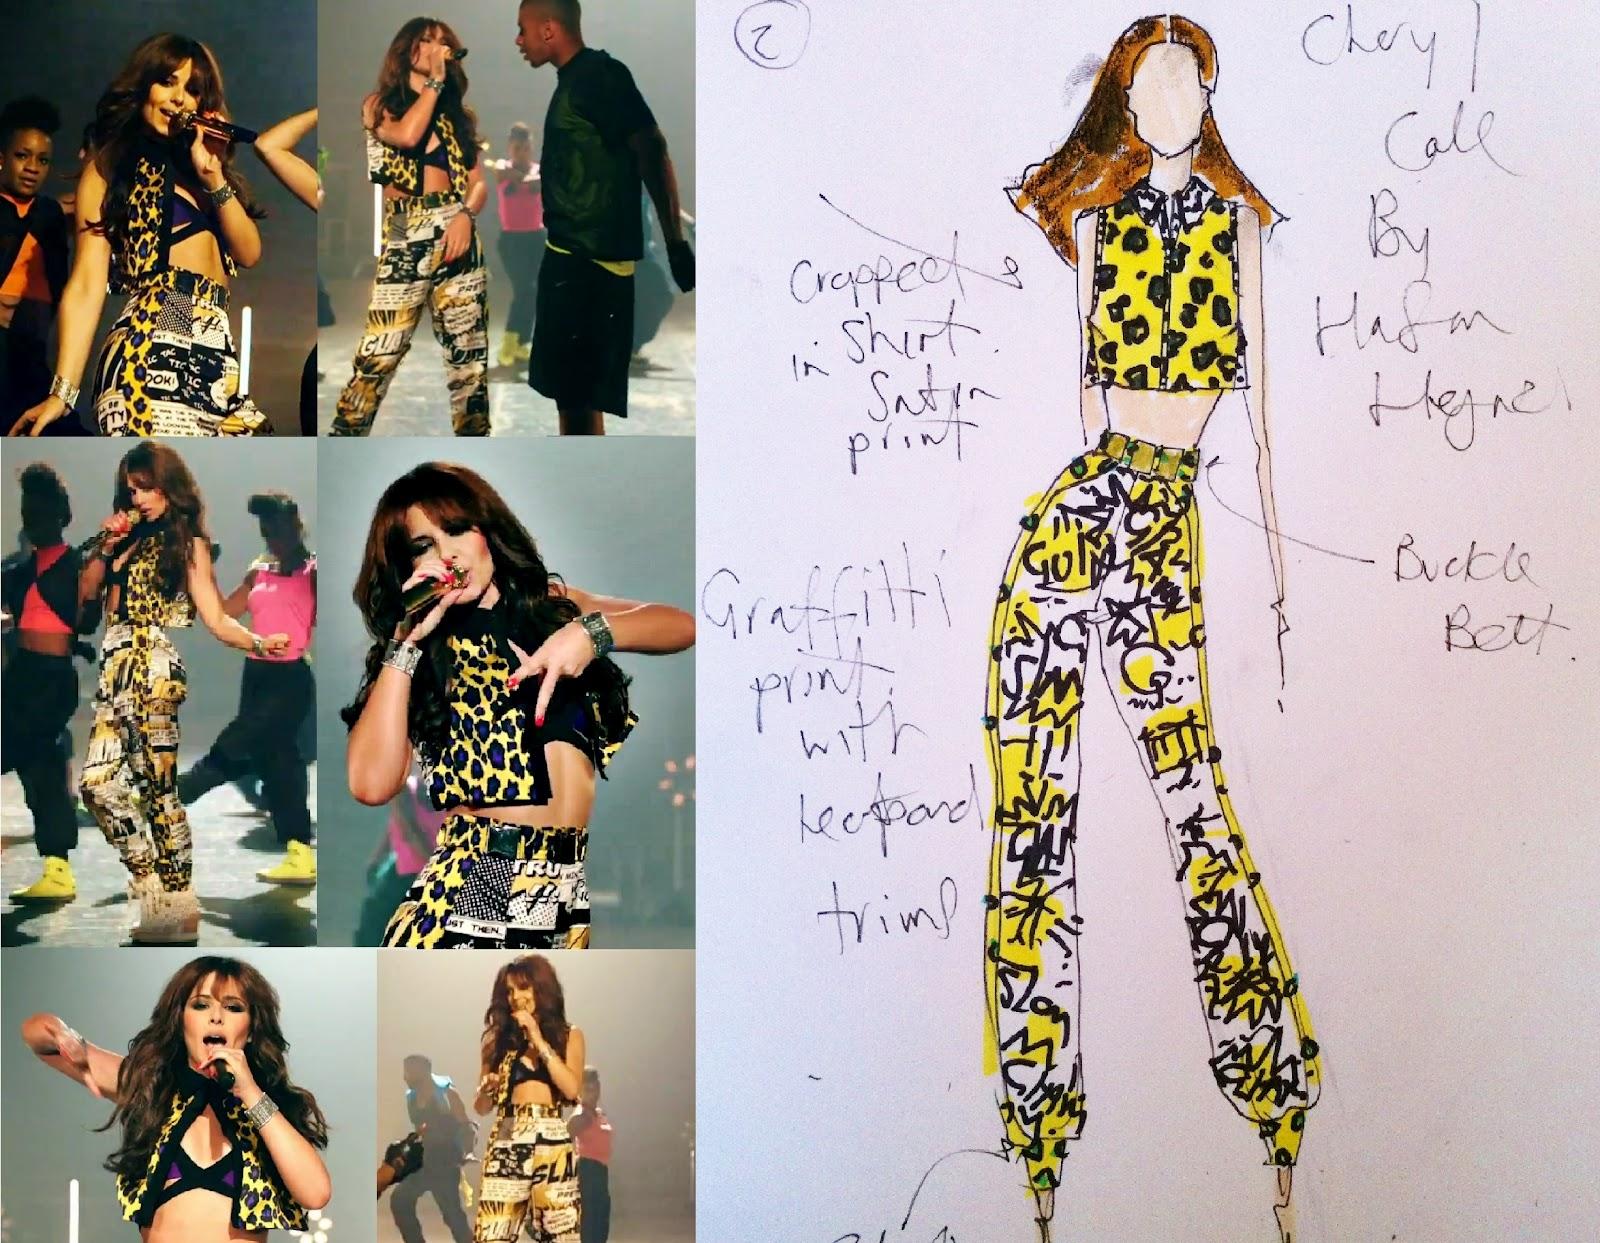 http://1.bp.blogspot.com/-b-R9iga54II/T9ymptvjSlI/AAAAAAAAAWs/lPnm6GWz9FE/s1600/cheryl+cole+sketch.jpg